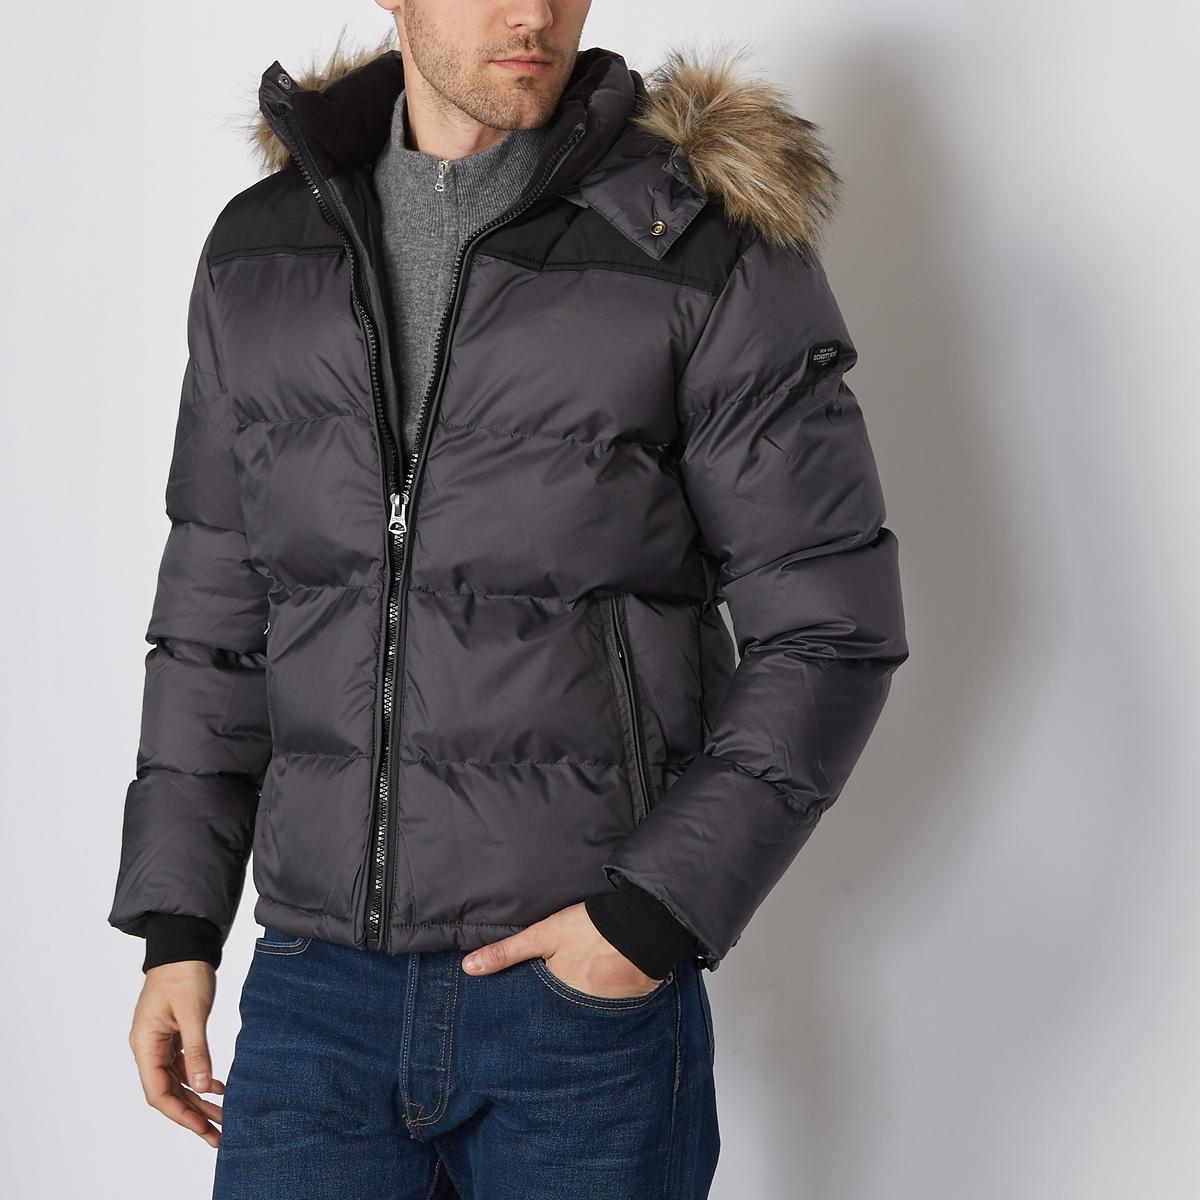 Куртка средней длины с капюшоном куртка средней длины с капюшоном